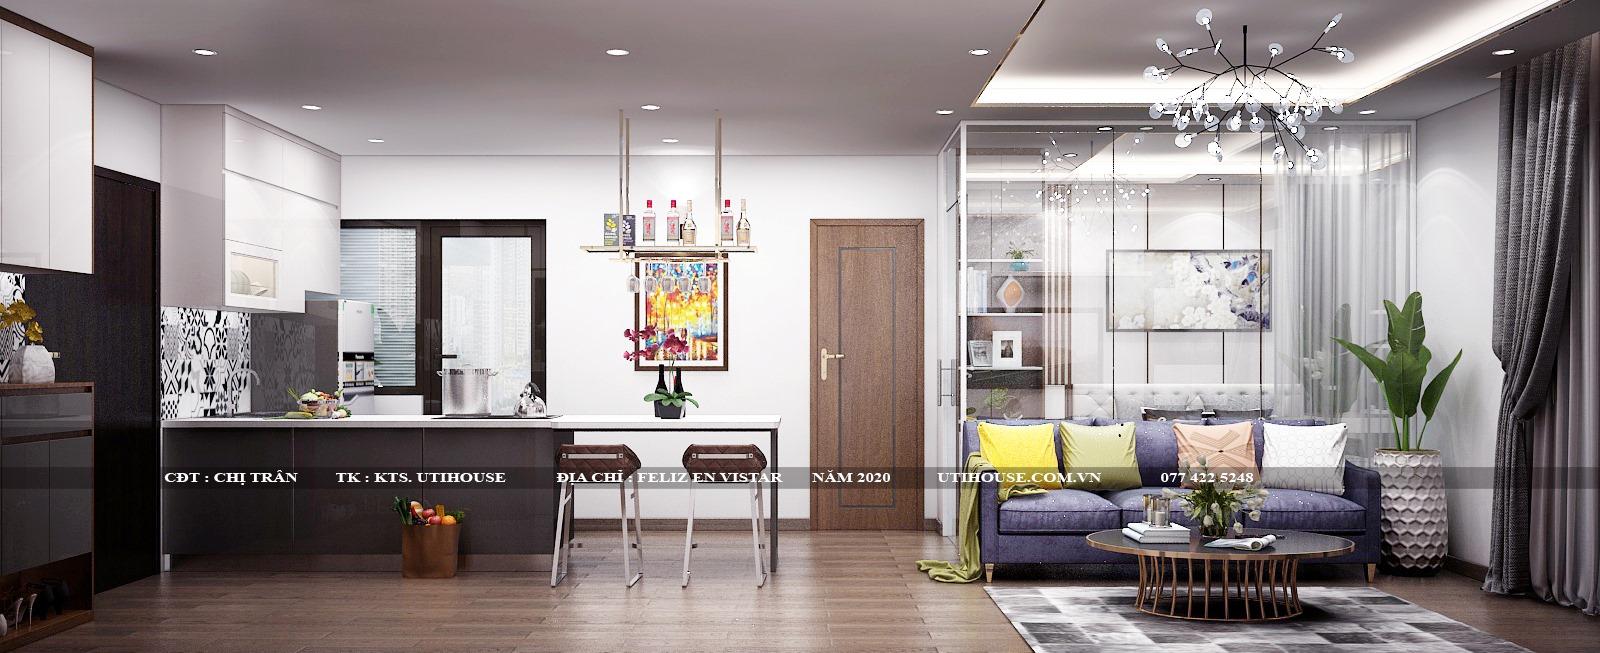 Tổng hợp các phong cách thiết kế nội thất chung cư nổi bật nhất